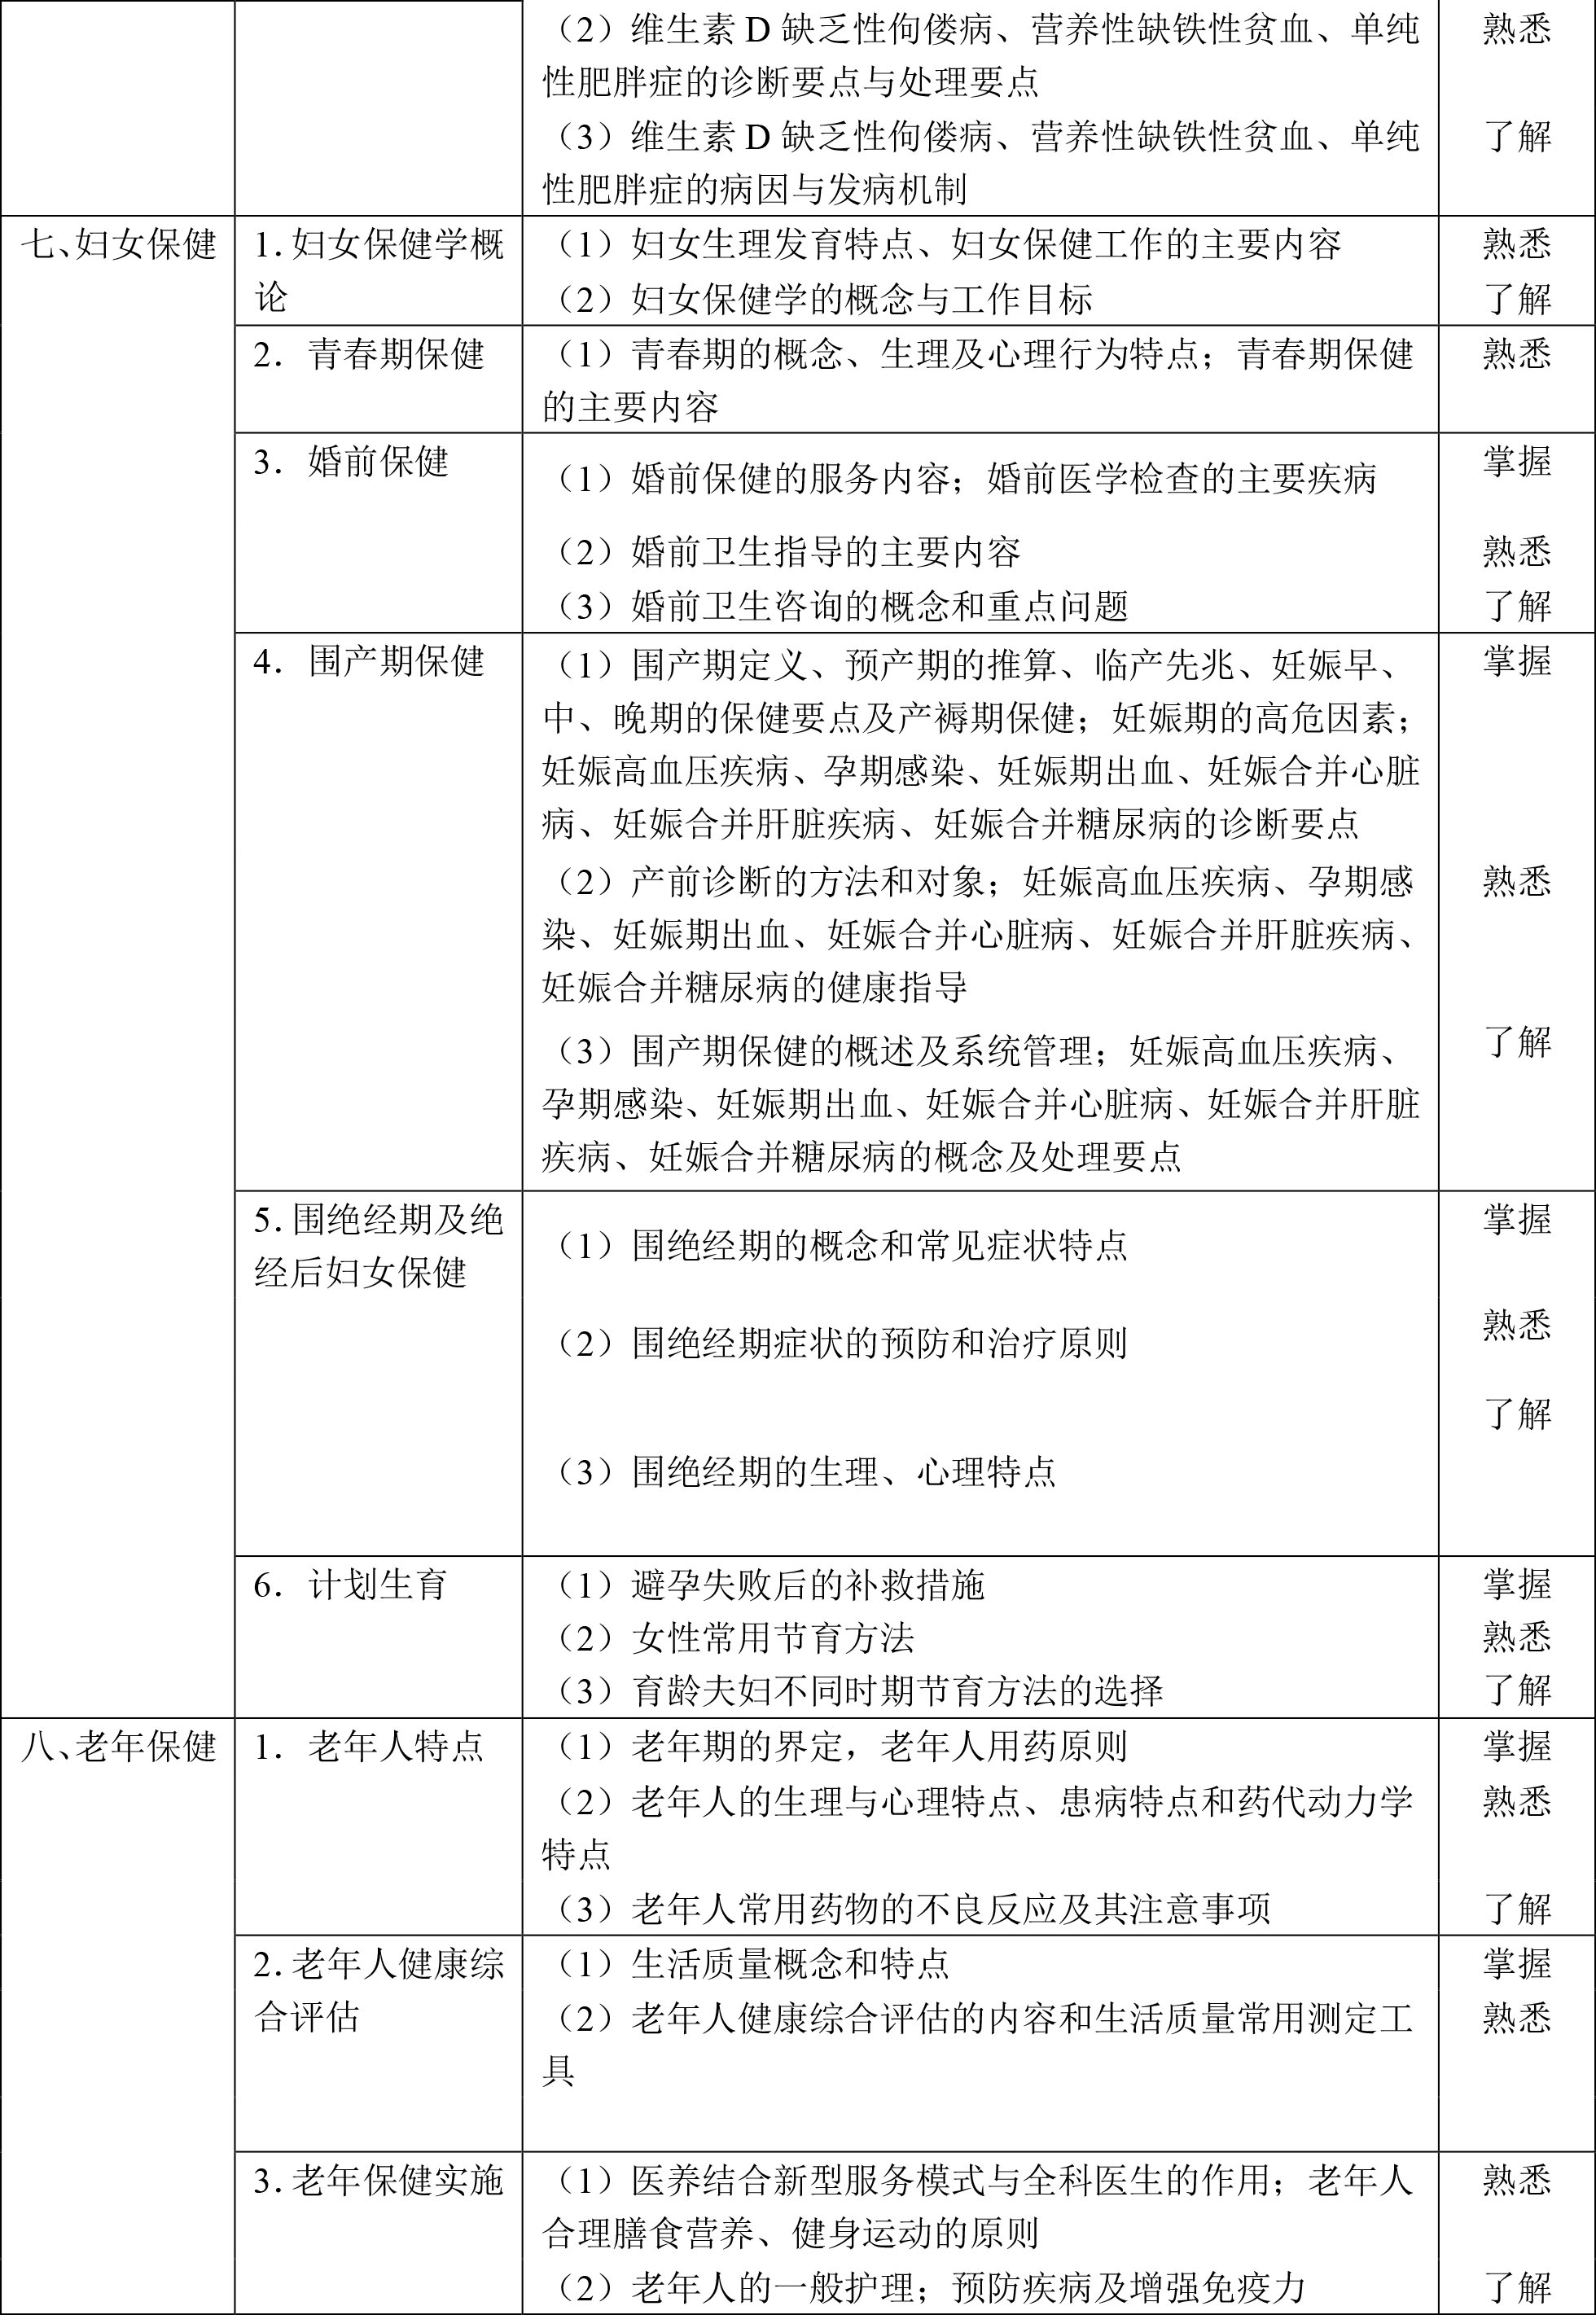 2020年全科主治医师考试大纲已公布